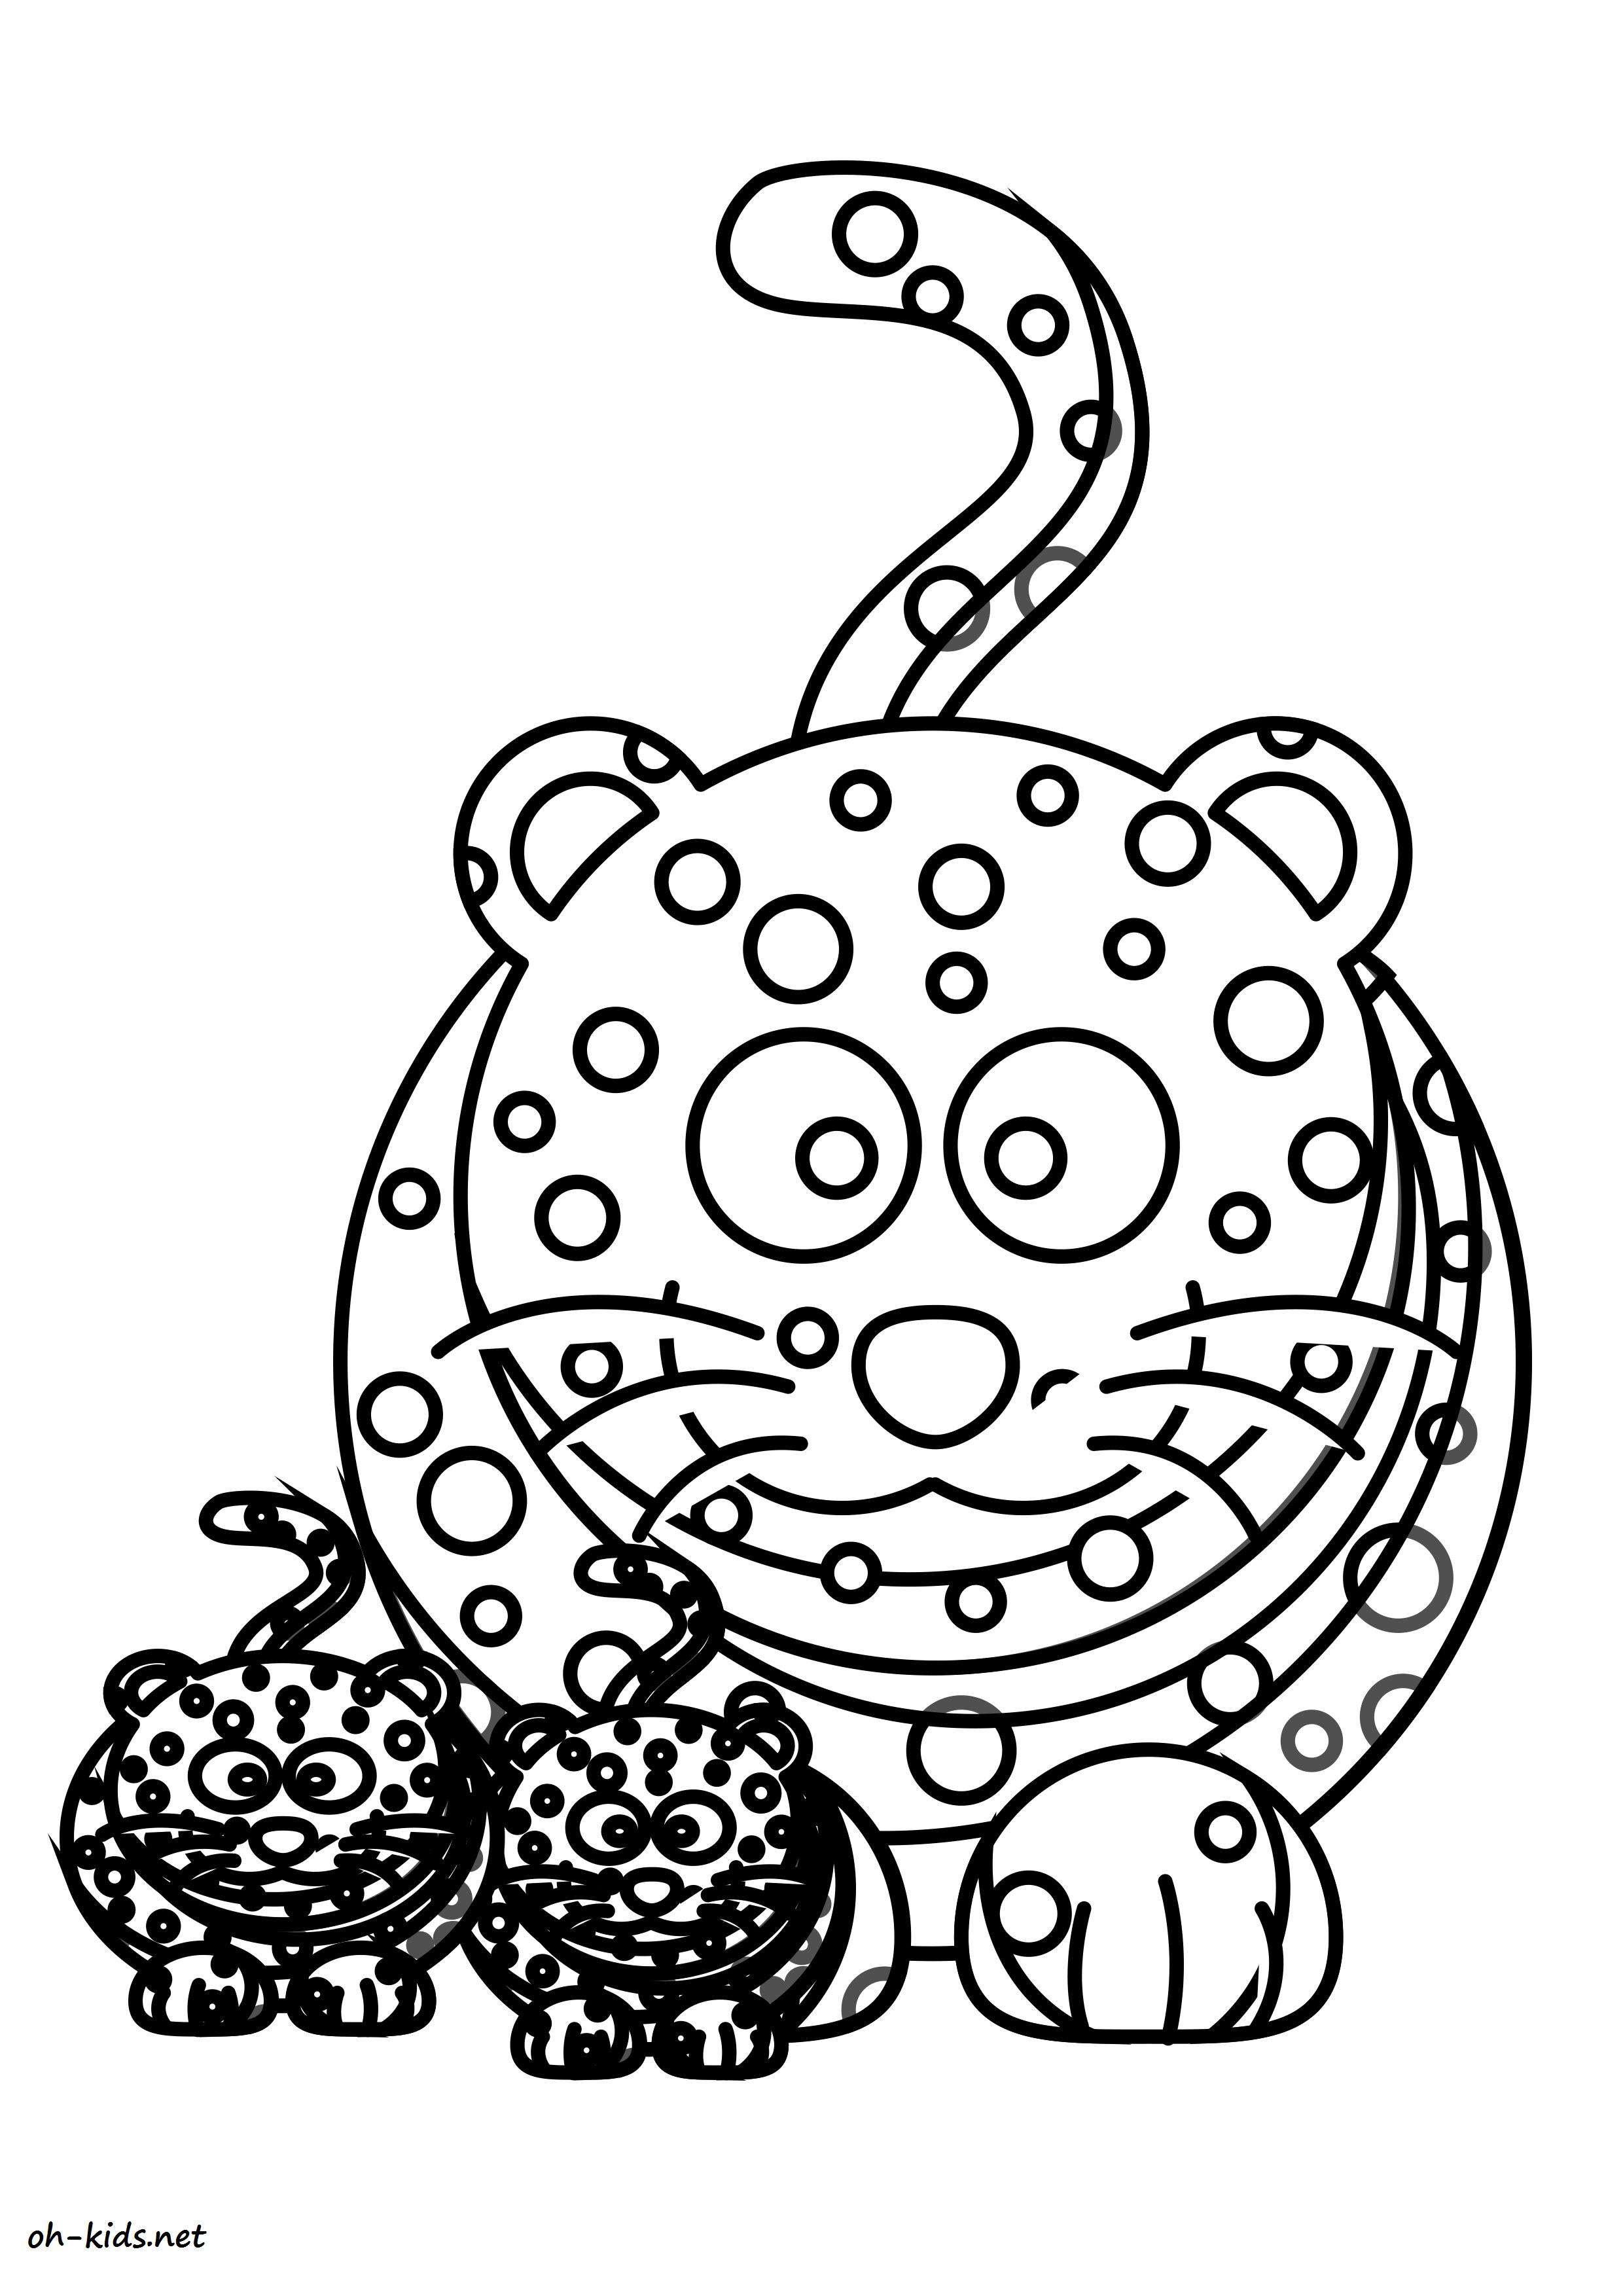 Frais Coloriage Panthere A Imprimer | Haut Coloriage HD-Images et Imprimable Gratuit